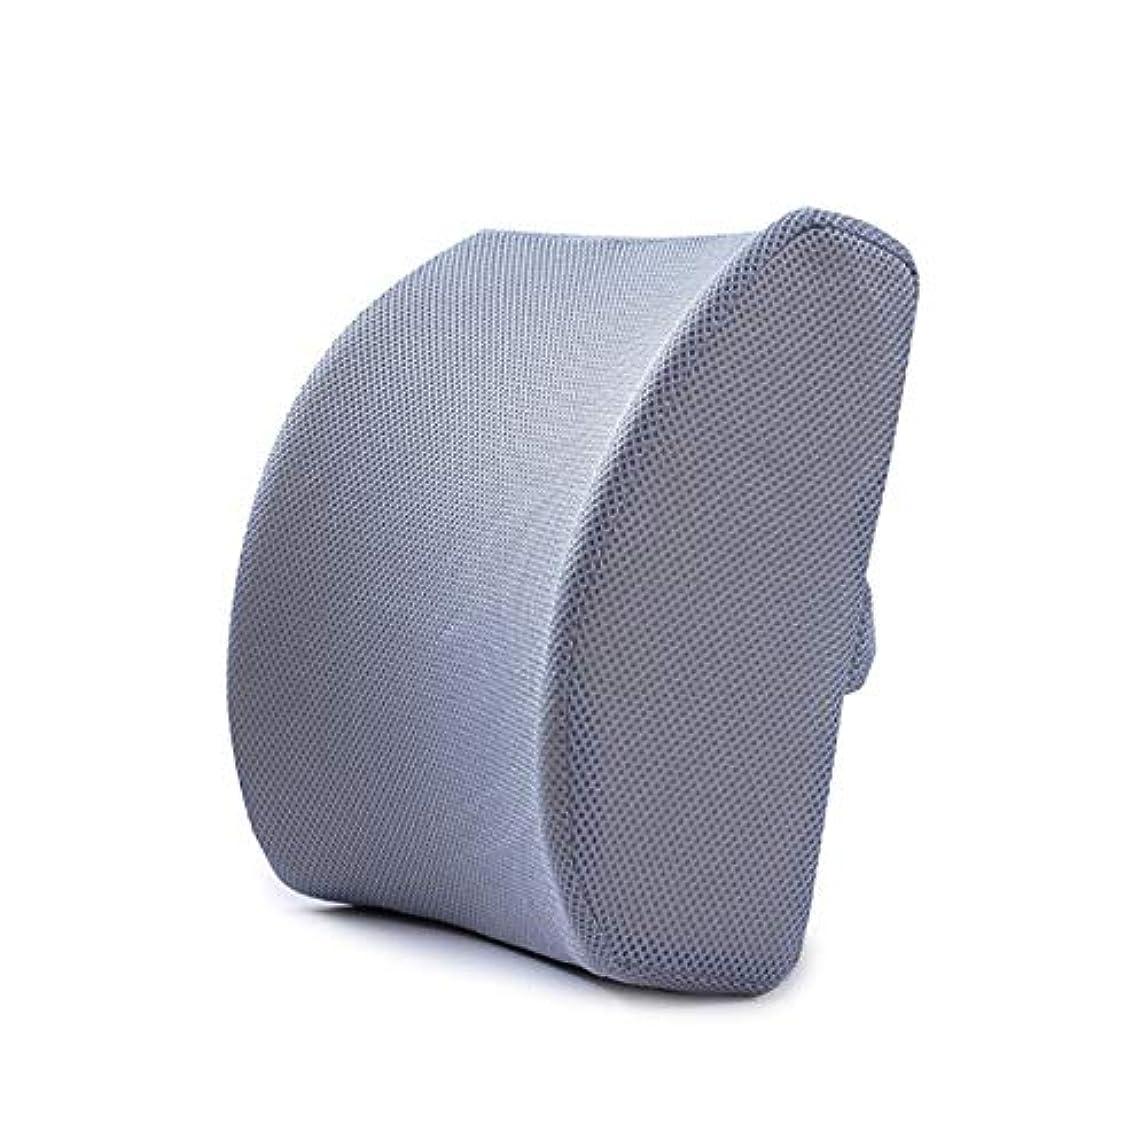 申し立てられた大使免除LIFE ホームオフィス背もたれ椅子腰椎クッションカーシートネック枕 3D 低反発サポートバックマッサージウエストレスリビング枕 クッション 椅子